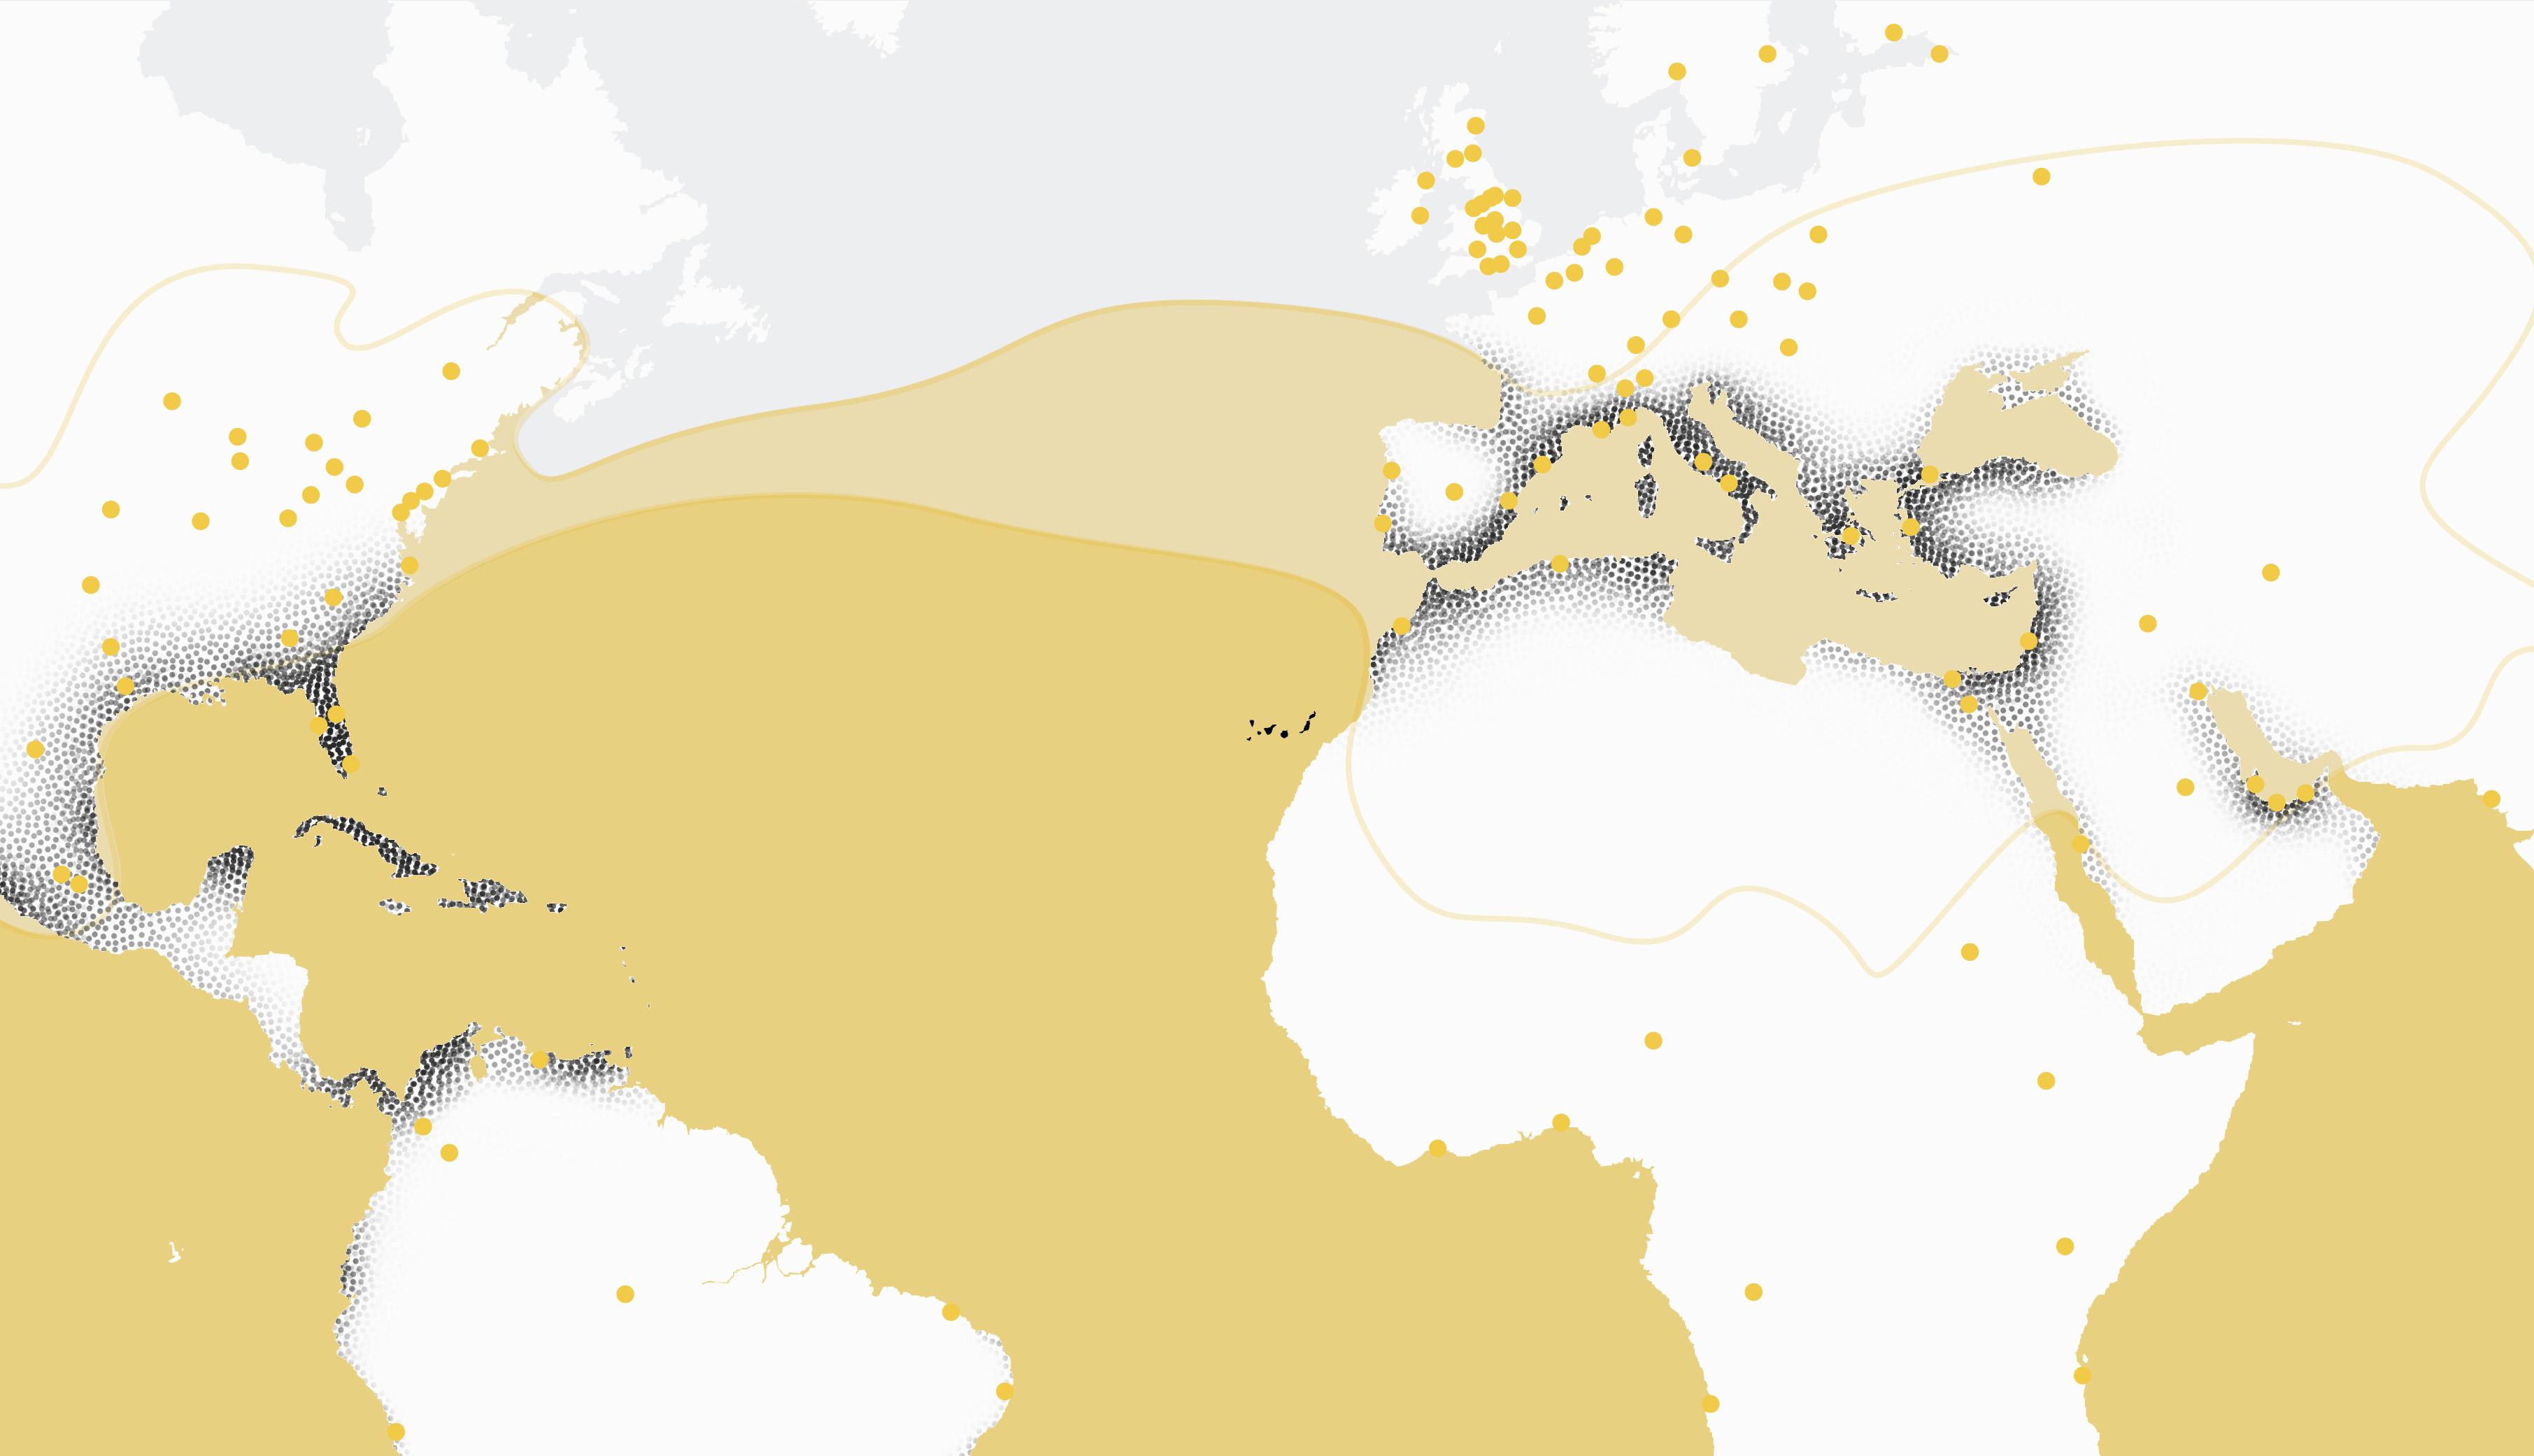 Distribución de las zonas con una temperatura superior a 20º centígrados en relación con las ciudades con una renta per cápita superior, así como las zonas actualmente bajo procesos de periurbanización.